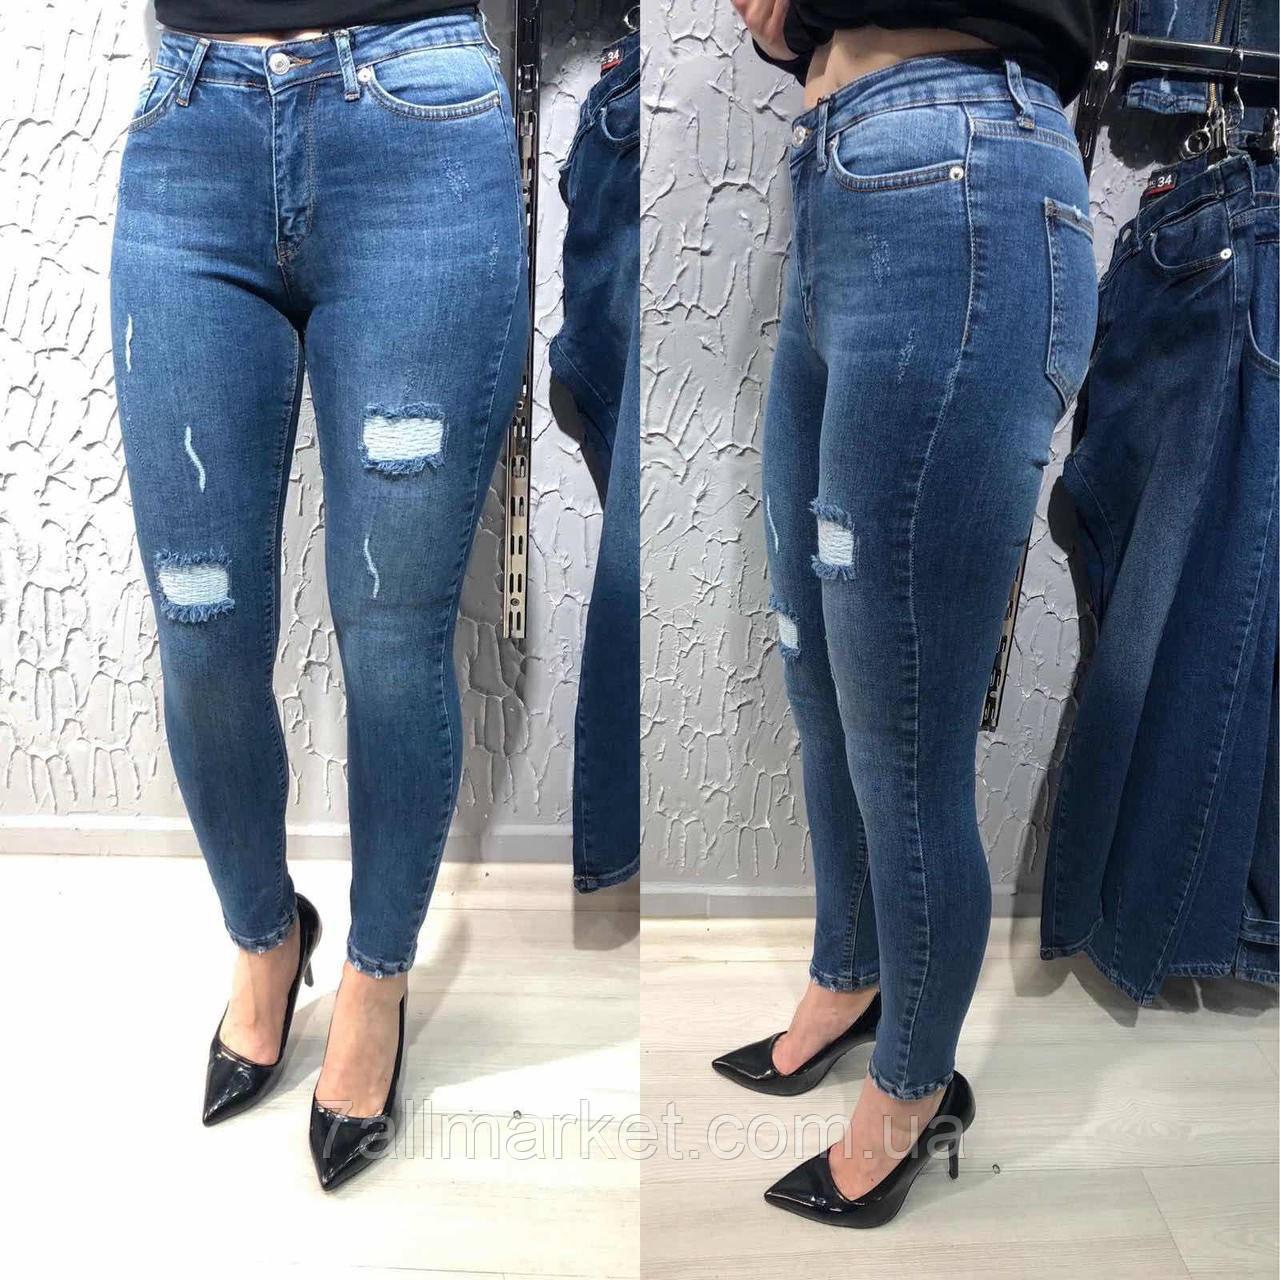 """Джинсы-американки женские, рванка, размеры 26-31 """"JeansStyle"""" недорого от прямого поставщика"""